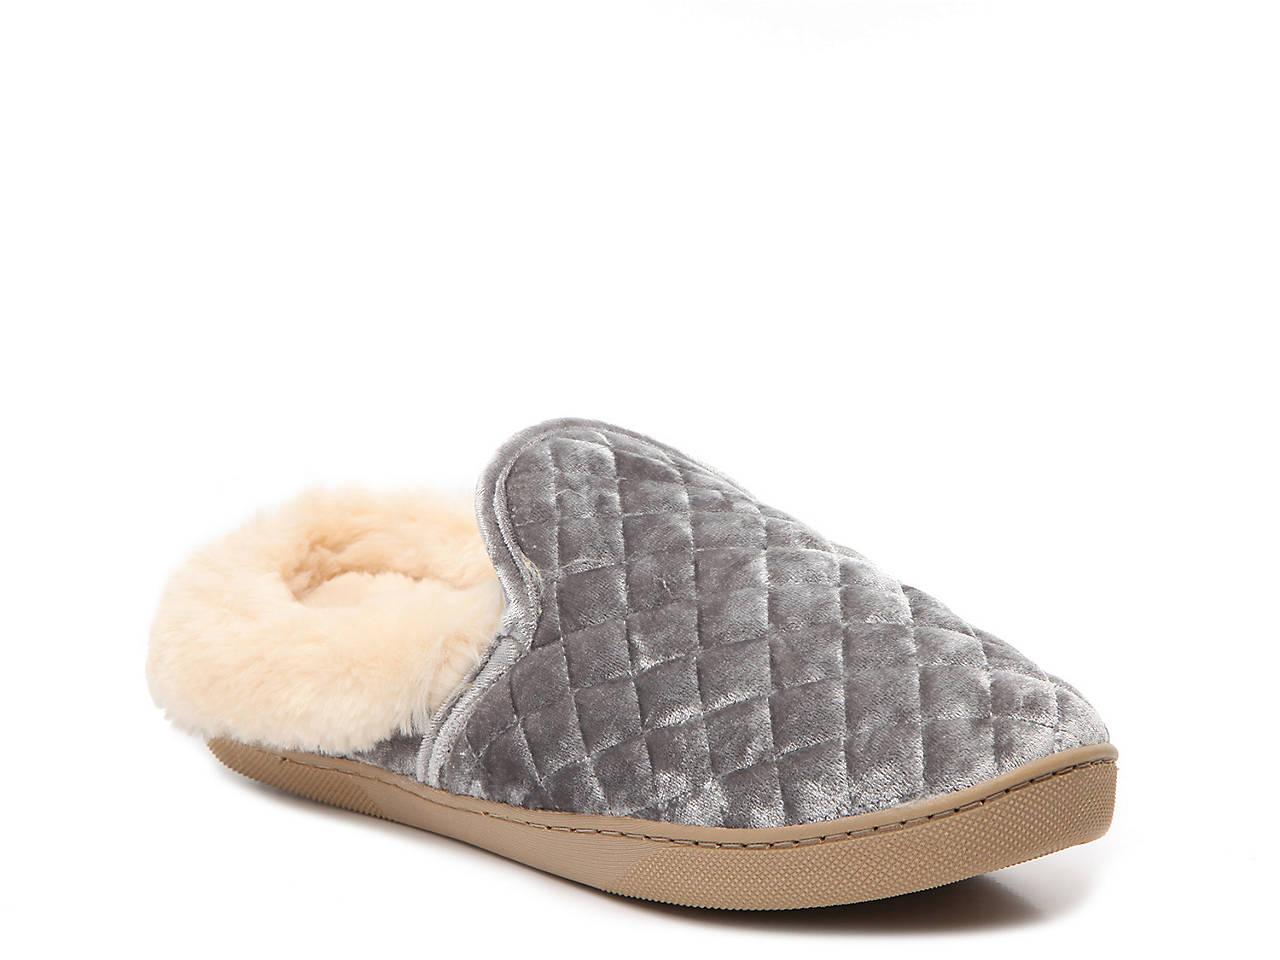 a3db7173ef1 Steve Madden Marylou Velvet Slipper Women s Shoes